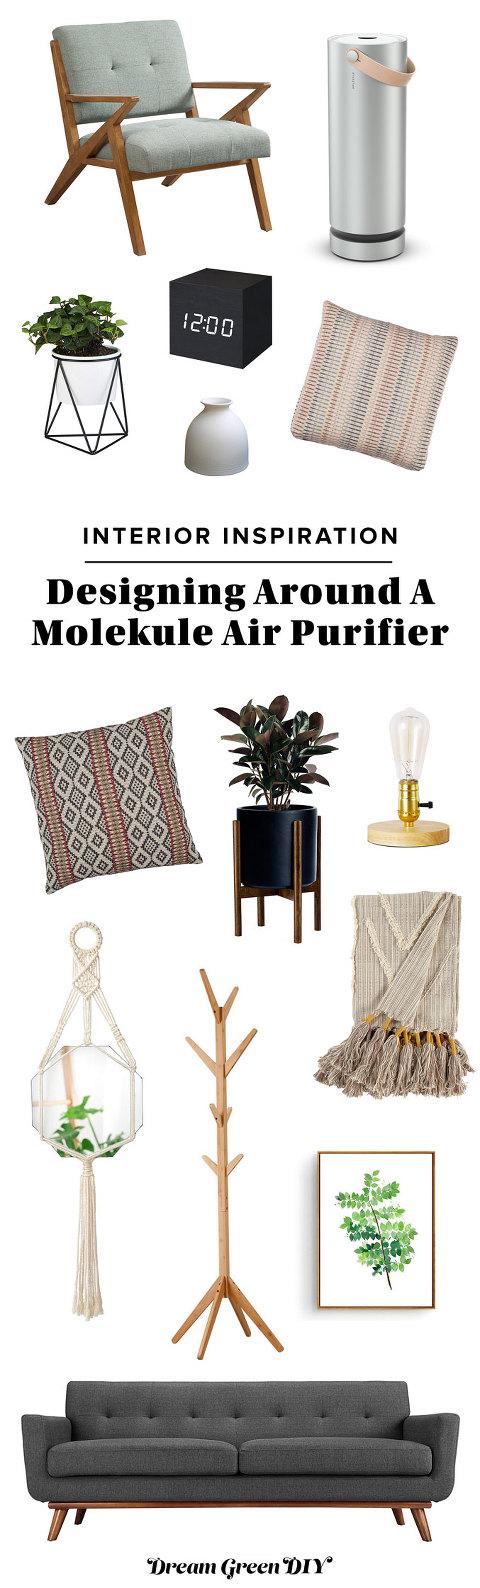 Designing Around A Molekule Air Purifier | dreamgreendiy.com + @Molekule #ad #mymolekule